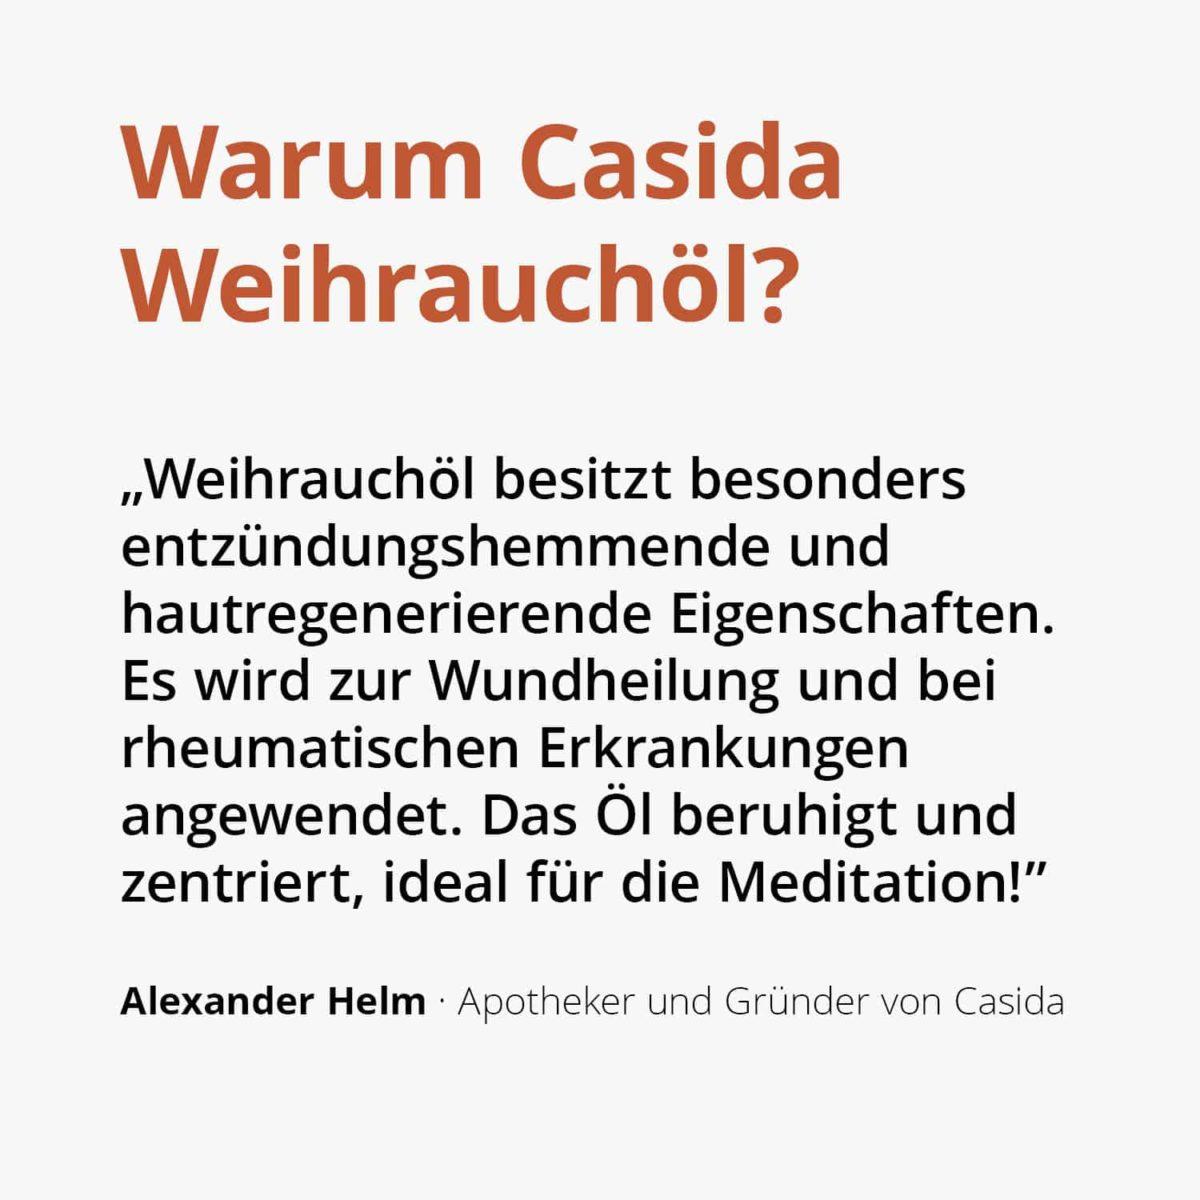 Casida Weihrauchöl Boswellia serrata naturrein – 10 ml 15880780 PZN Apotheke ätherische Öle Diffuser Meditation Wundheilung2